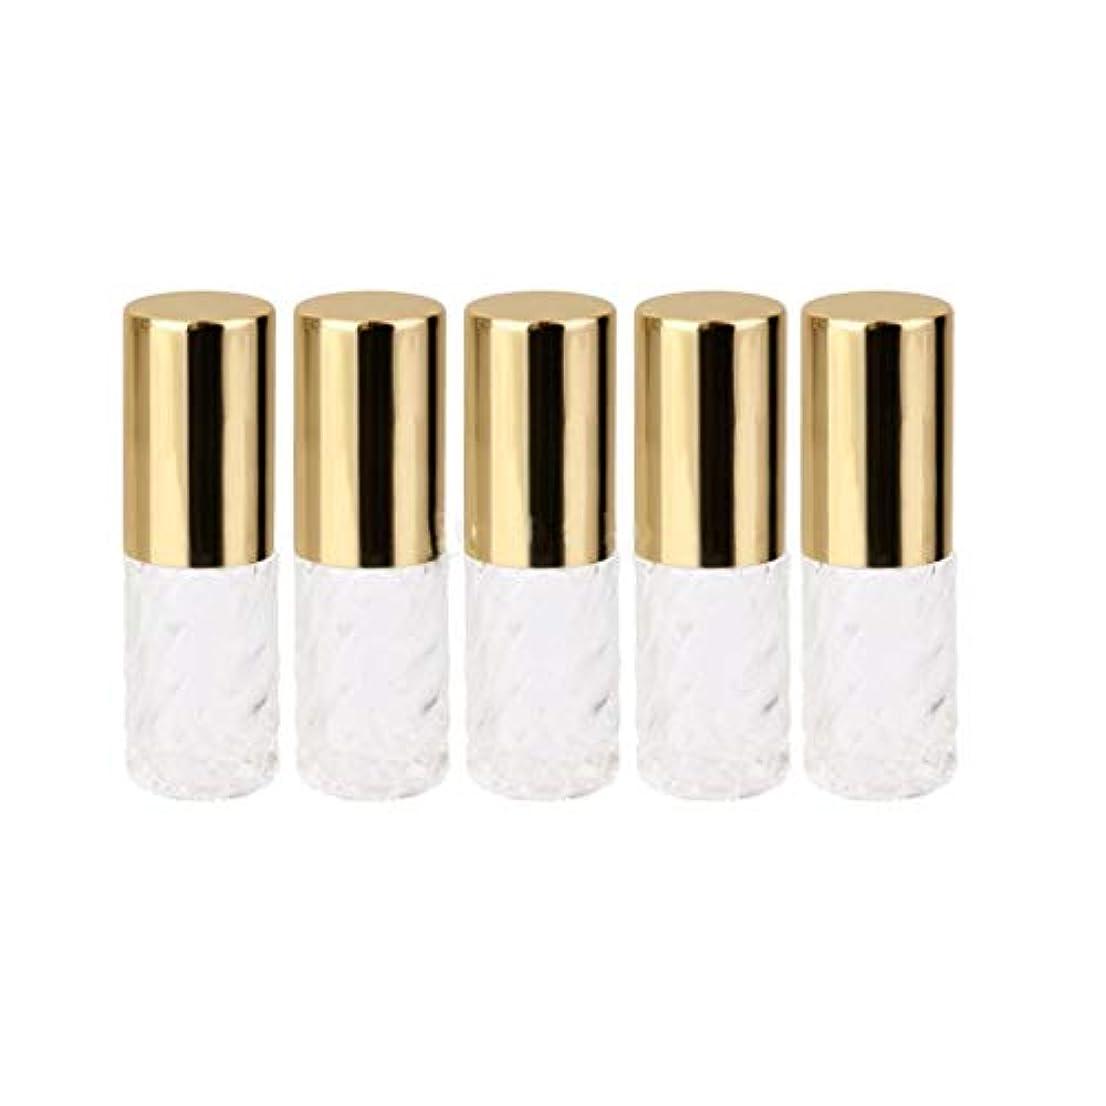 スナップ基本的な再発する5ピース   5ml ガラスローラーボトル 透明な交換旅行 空のロールオン ガラス香水瓶